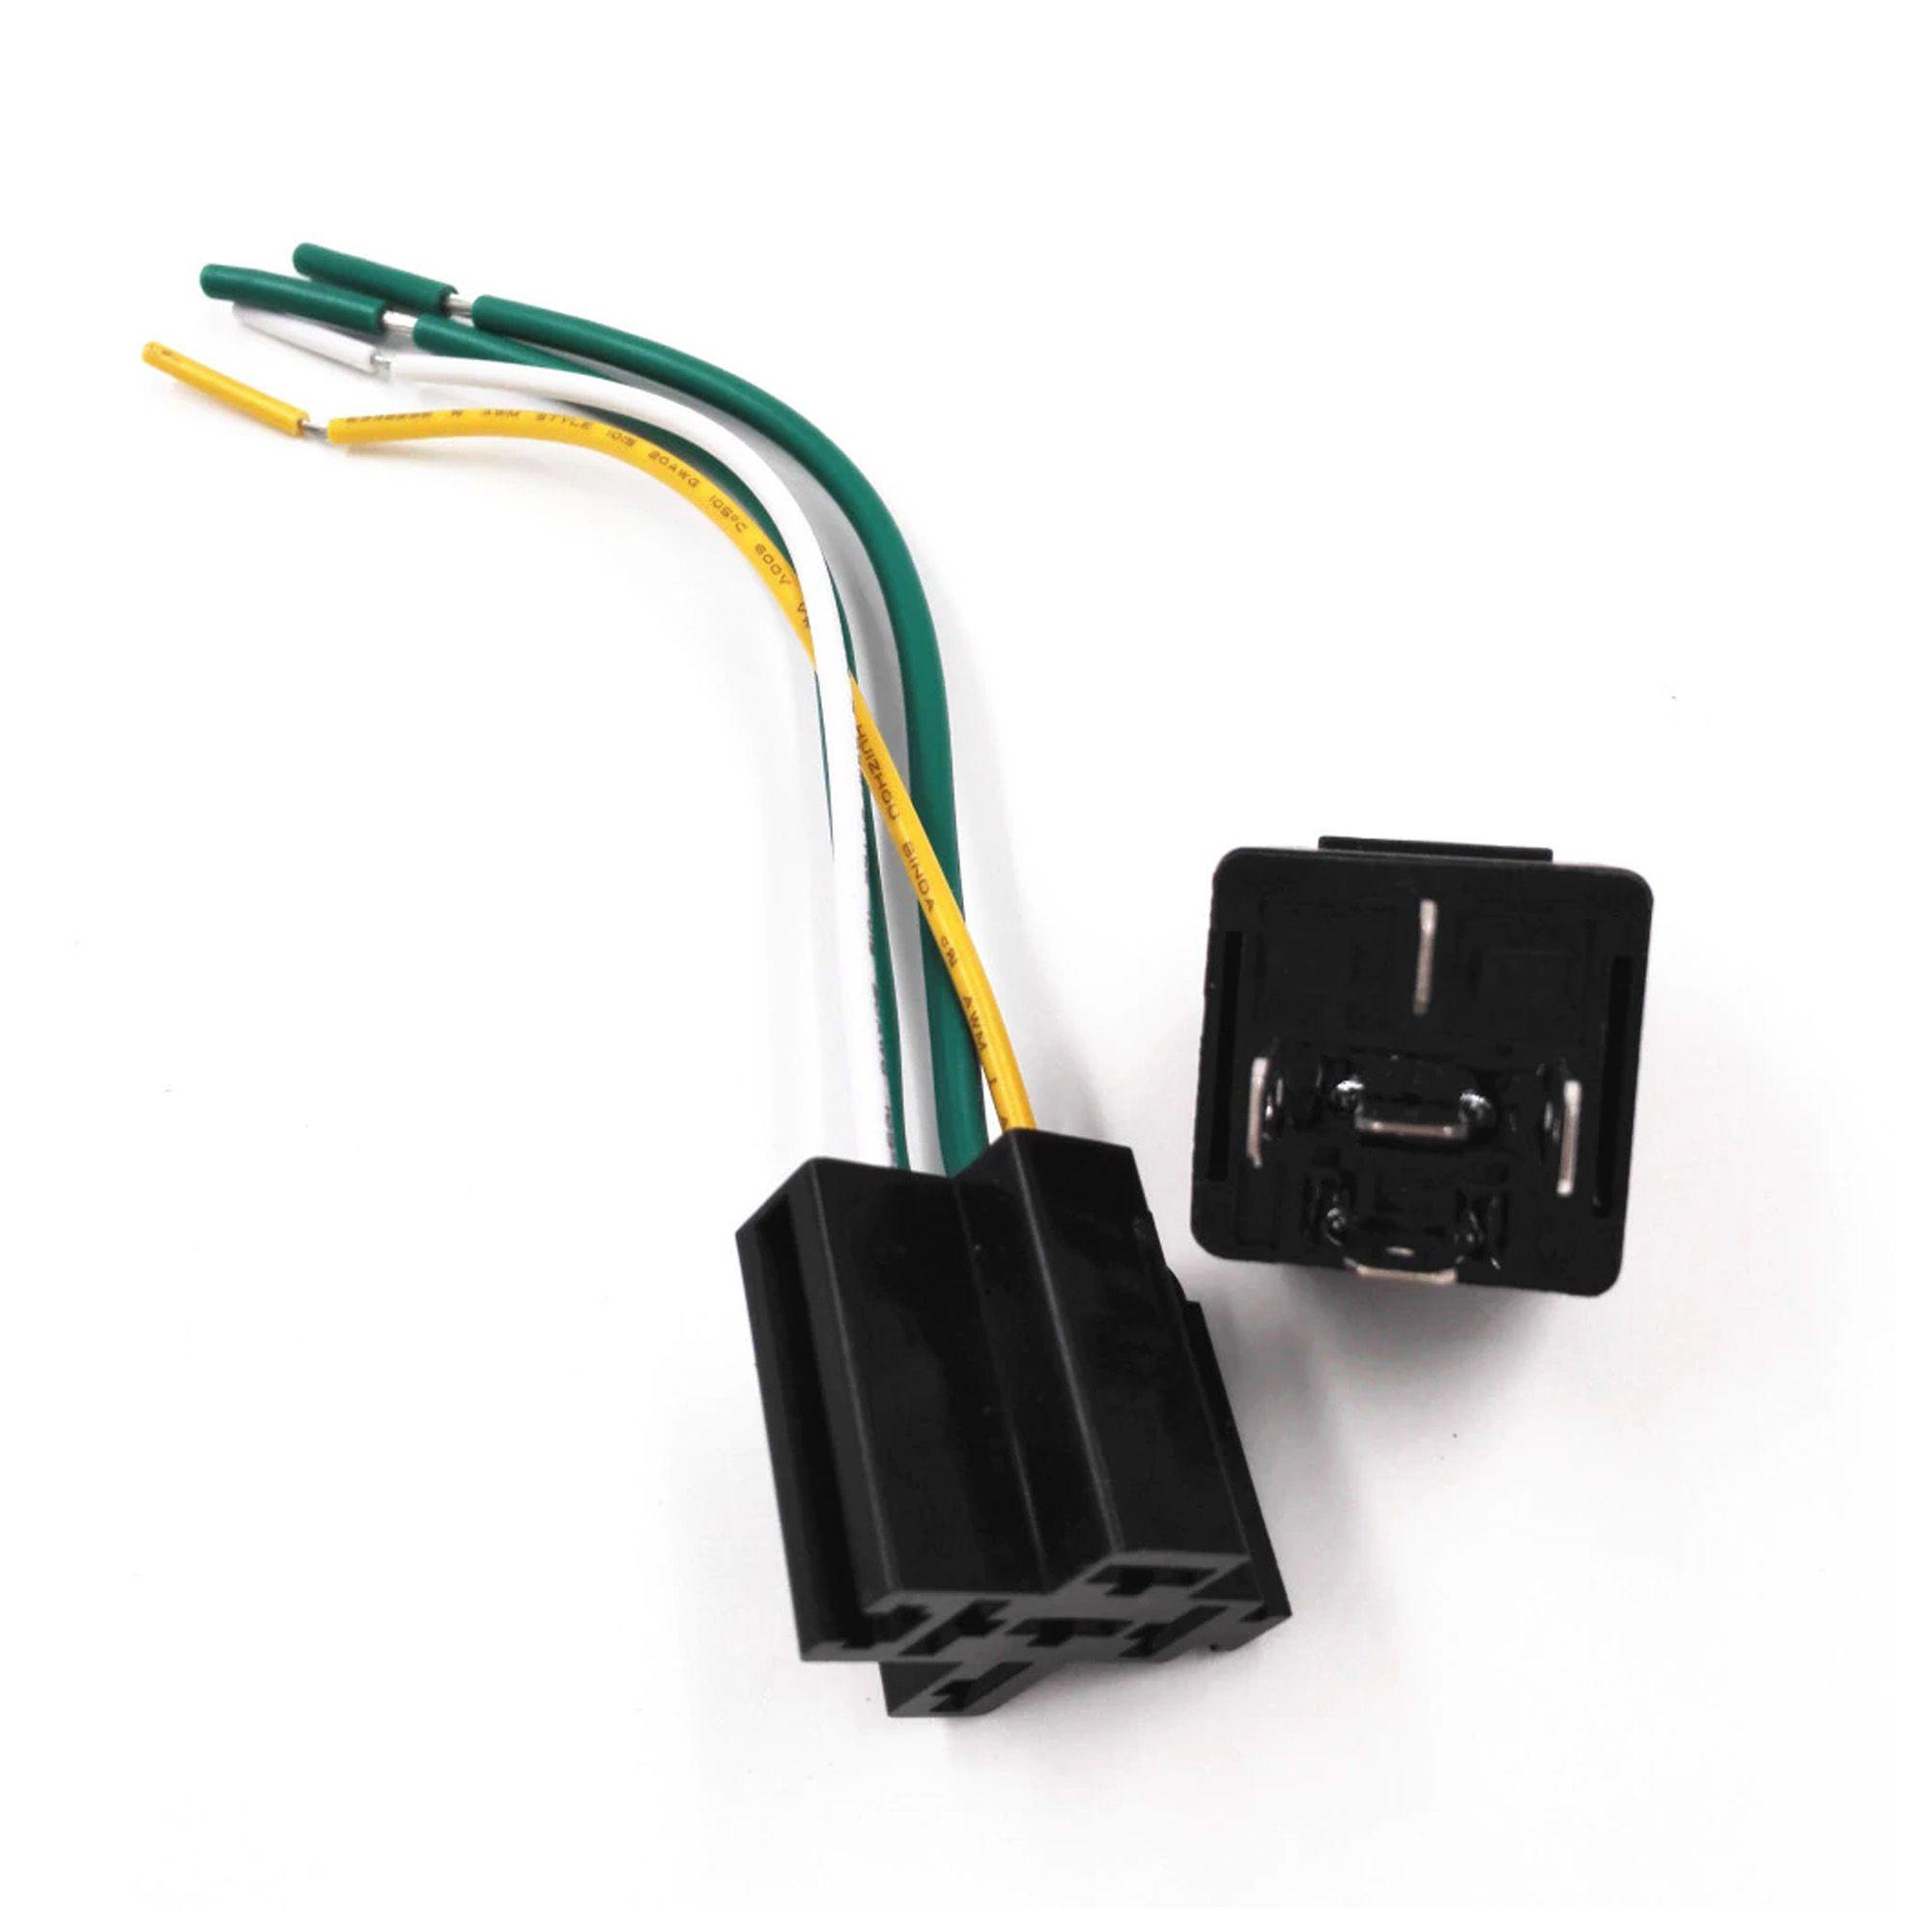 Relé - Corte de combustível Appego GPS Veicular 12V